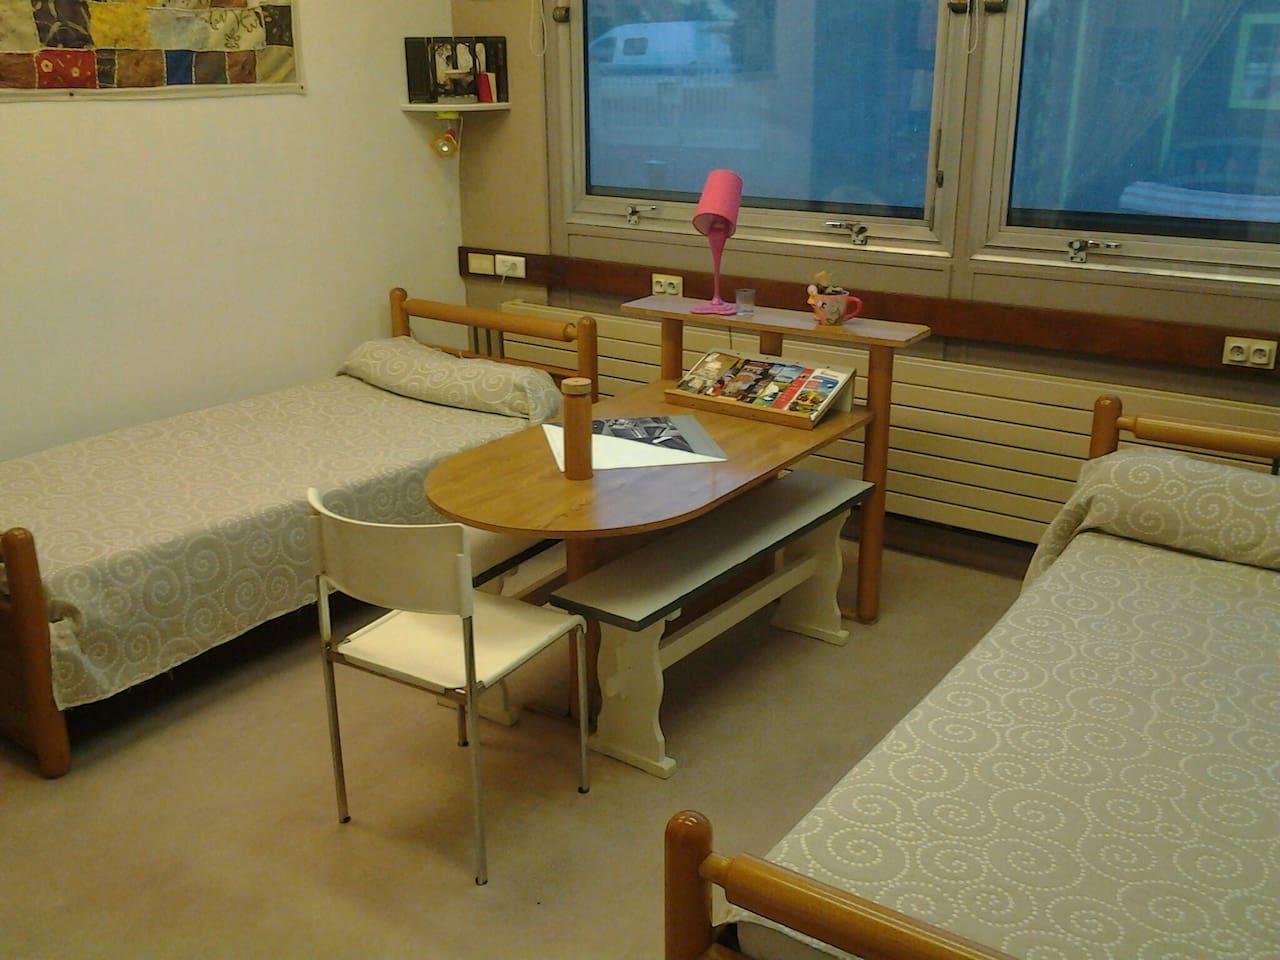 Chambre  de 16m carre avec 2 lits de 90, et piece de  6 m  carre  servant. De dressing ou parfois pour faire dormir votre chien